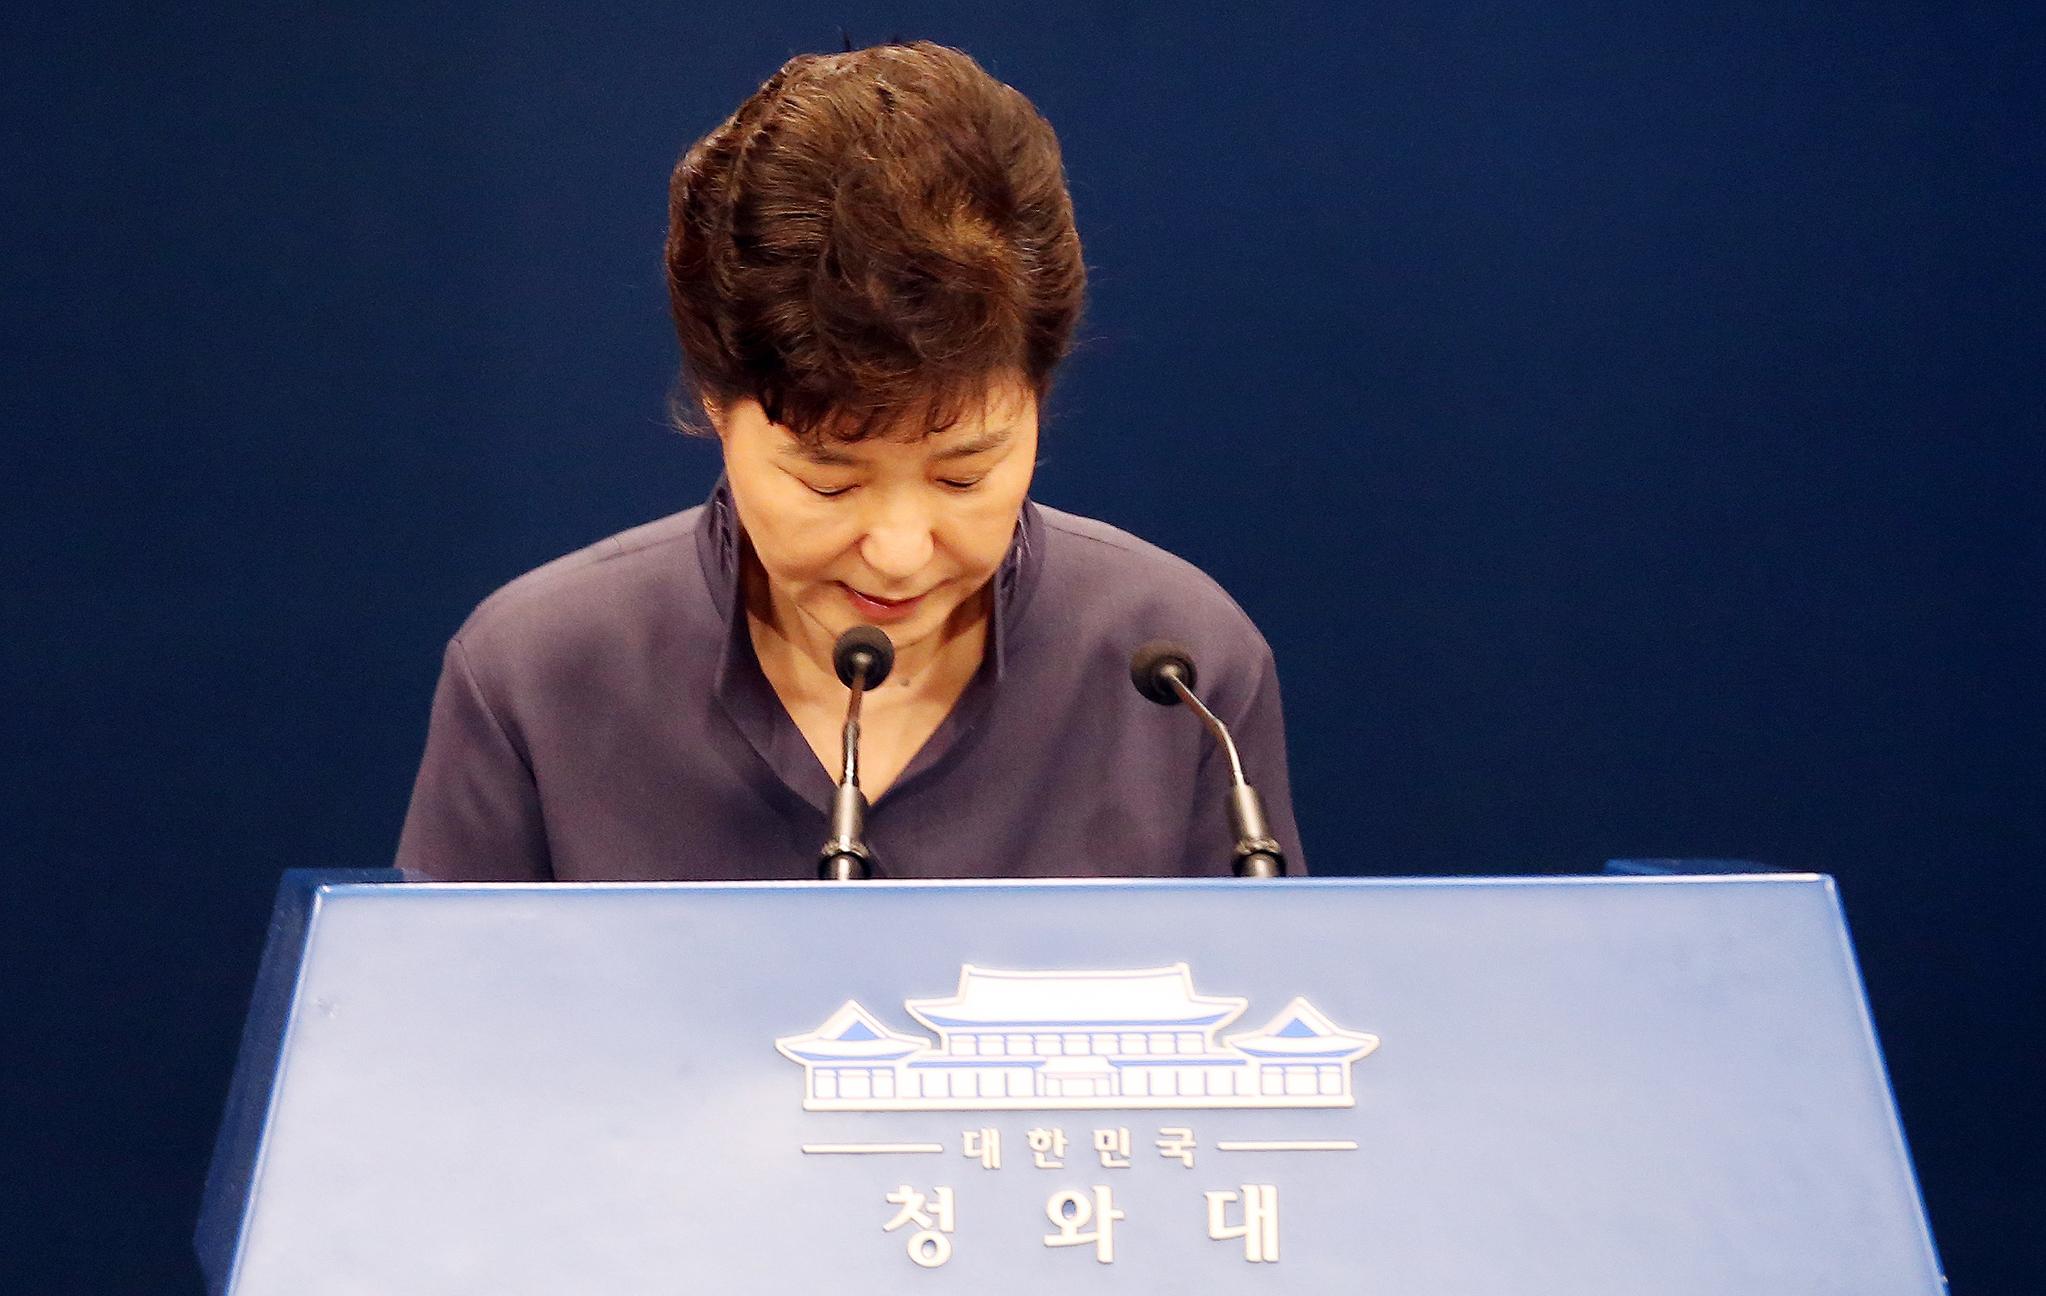 박근혜 대통령이 2016년 10월 25일 오후 청와대 춘추관에서 연설문 유출과 관련 대국민 사과 기자회견을 하며 고개를 숙이고 있다.김성룡 기자